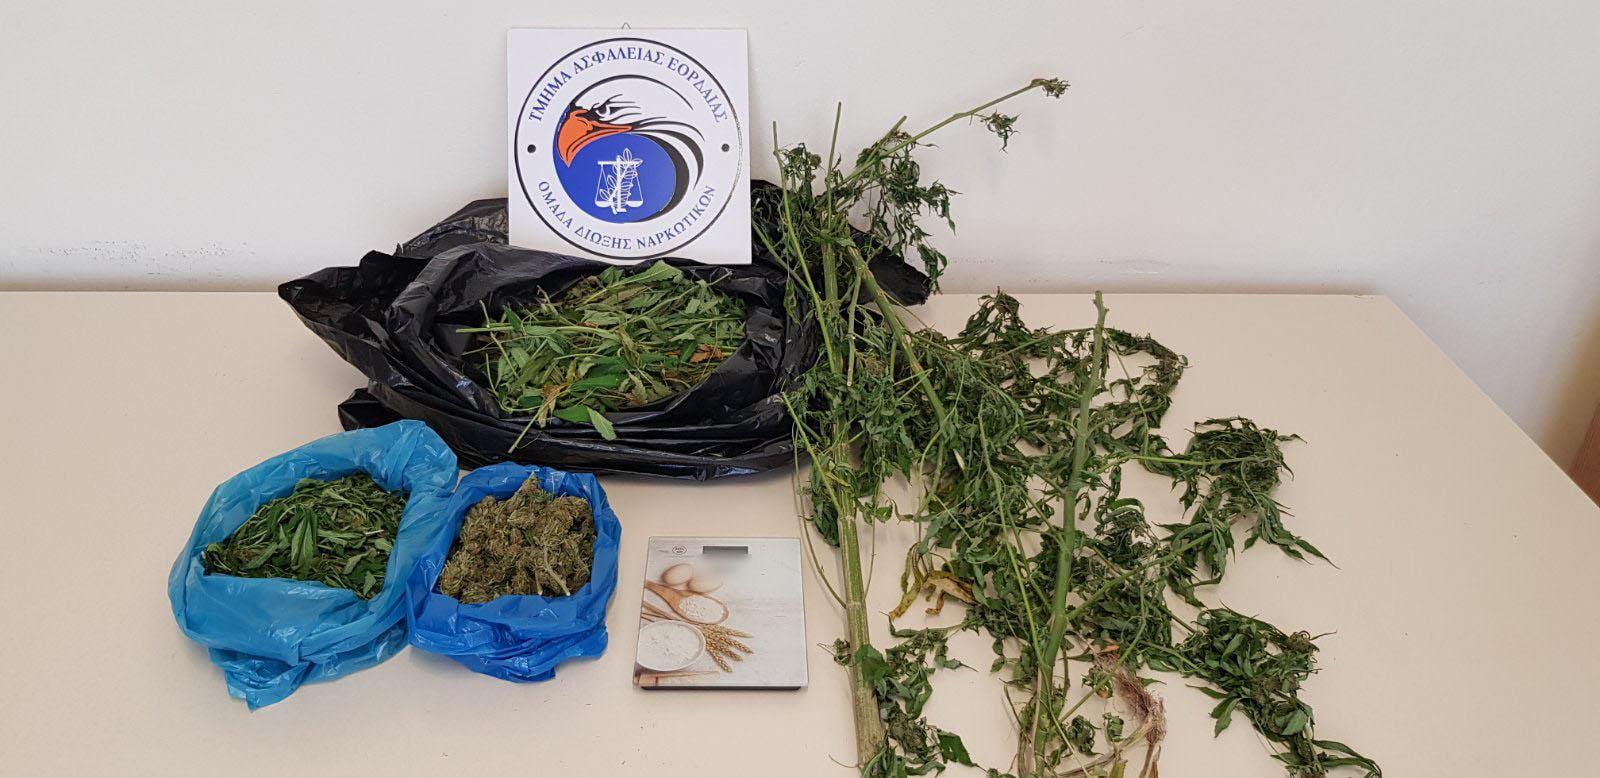 Απανωτές συλλήψεις καλλιεργητών και διακινητών κάνναβης στην περιοχή μας. Συνελήφθη 55χρονος για καλλιέργεια δενδρυλλίων κάνναβης και κατοχή ναρκωτικών